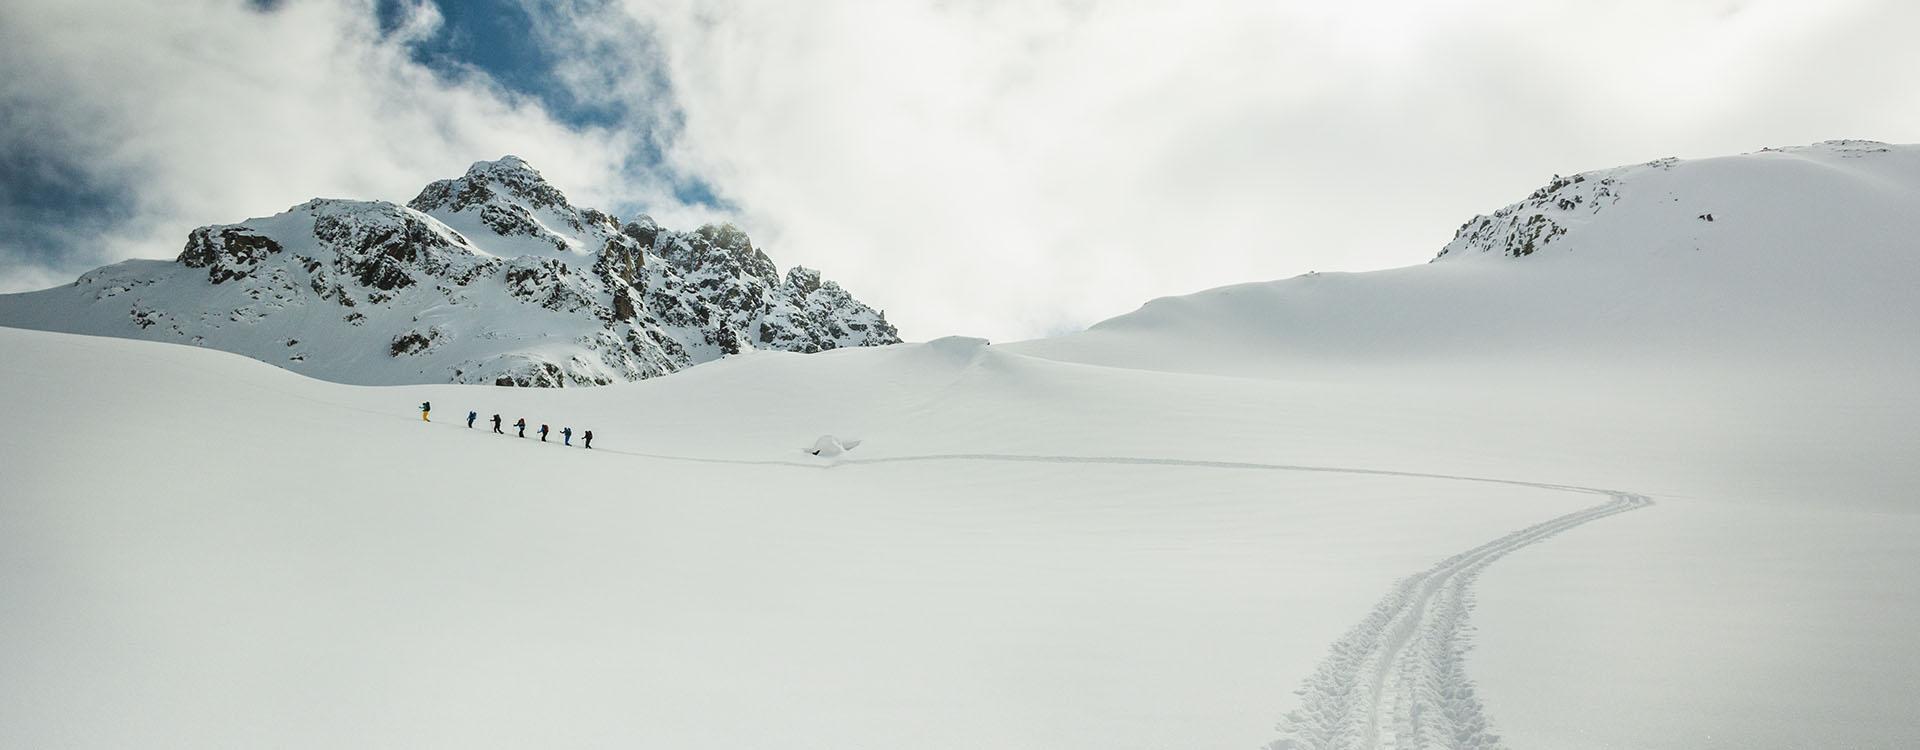 skitouren tirol schweiz italien alpine welten die bergf hrer. Black Bedroom Furniture Sets. Home Design Ideas